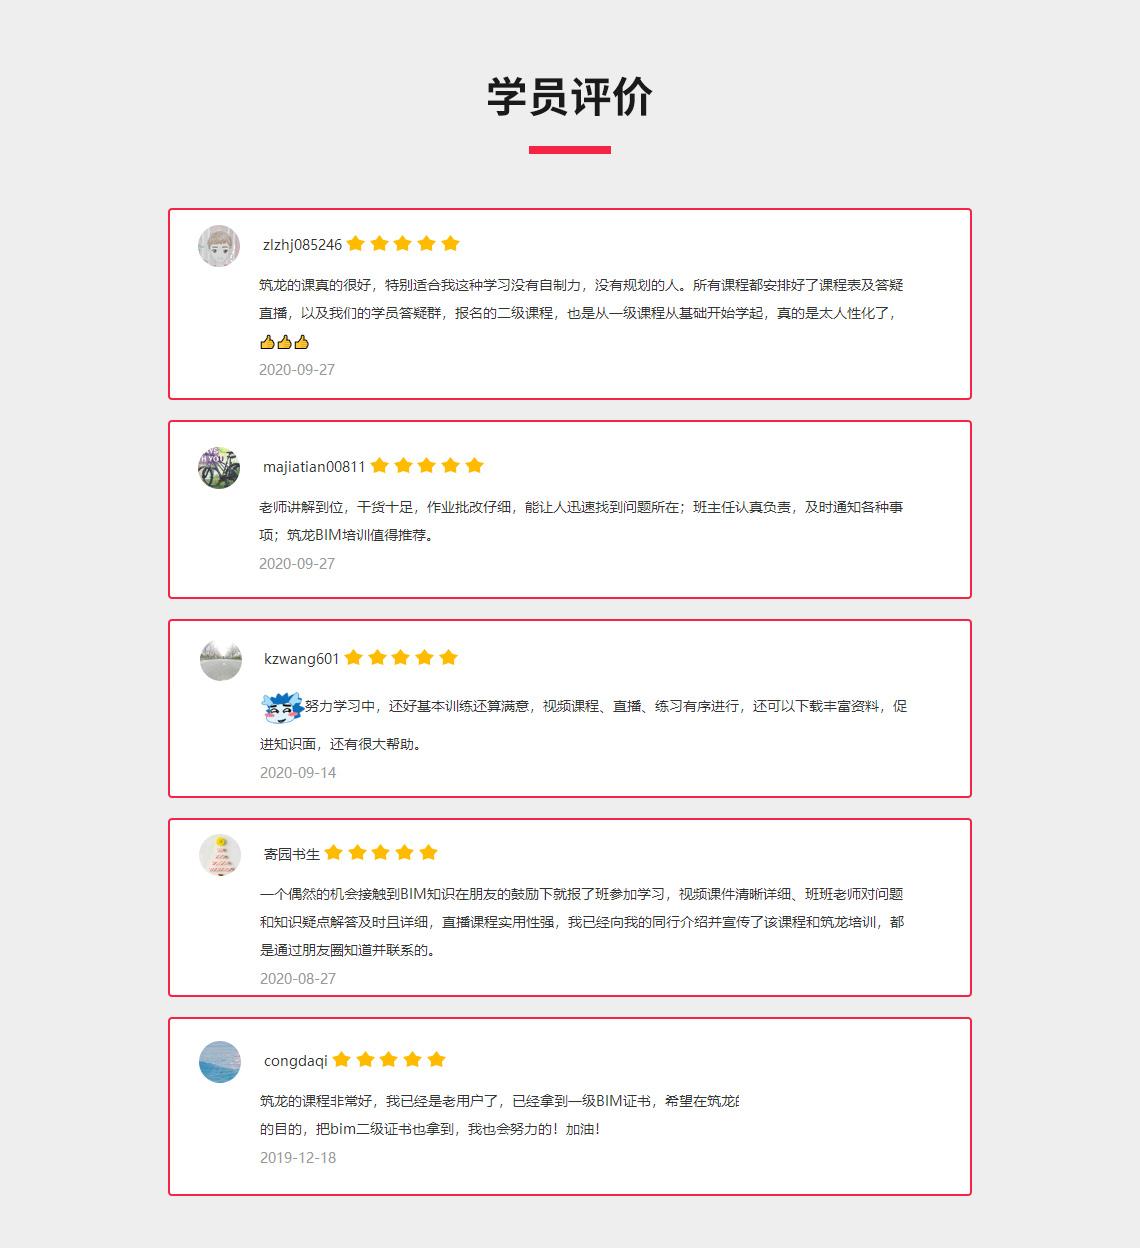 学员评价是对筑龙最大的认可。